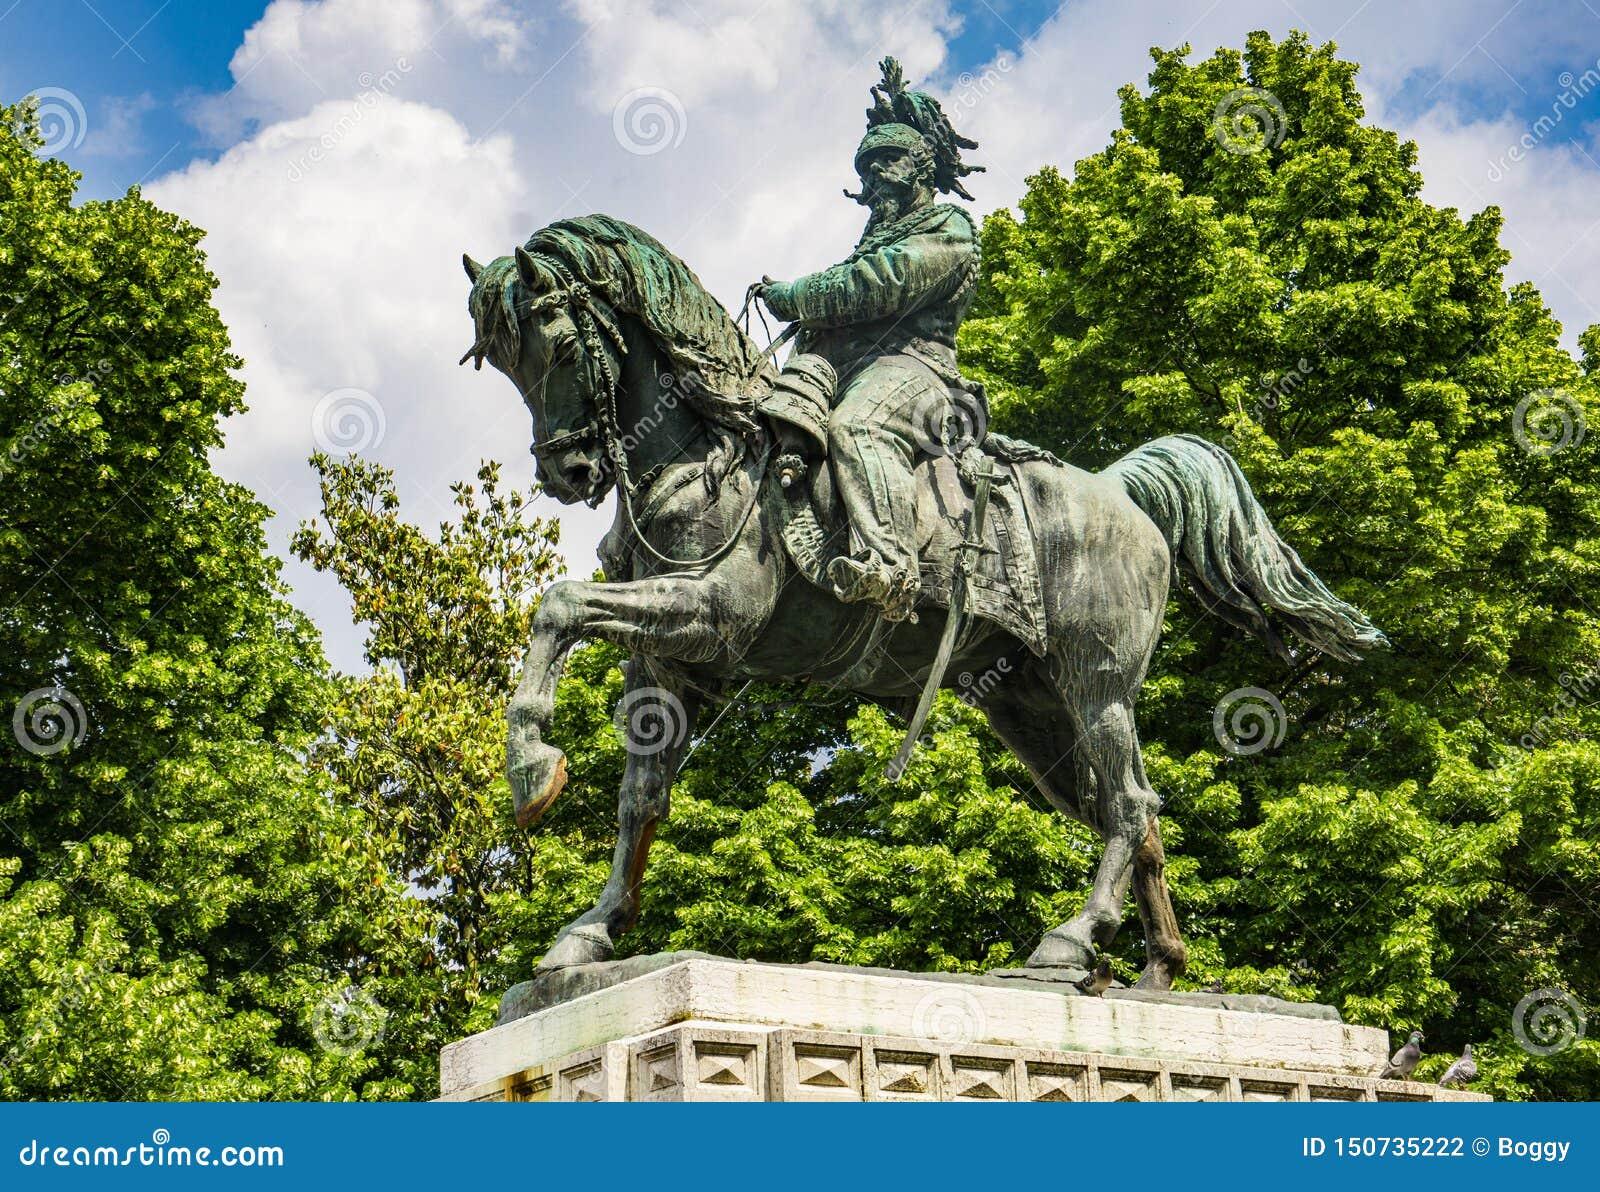 Monument zu Vittorio Emanuele das zweite, König von Italien im BH-Quadrat in Verona, Italien